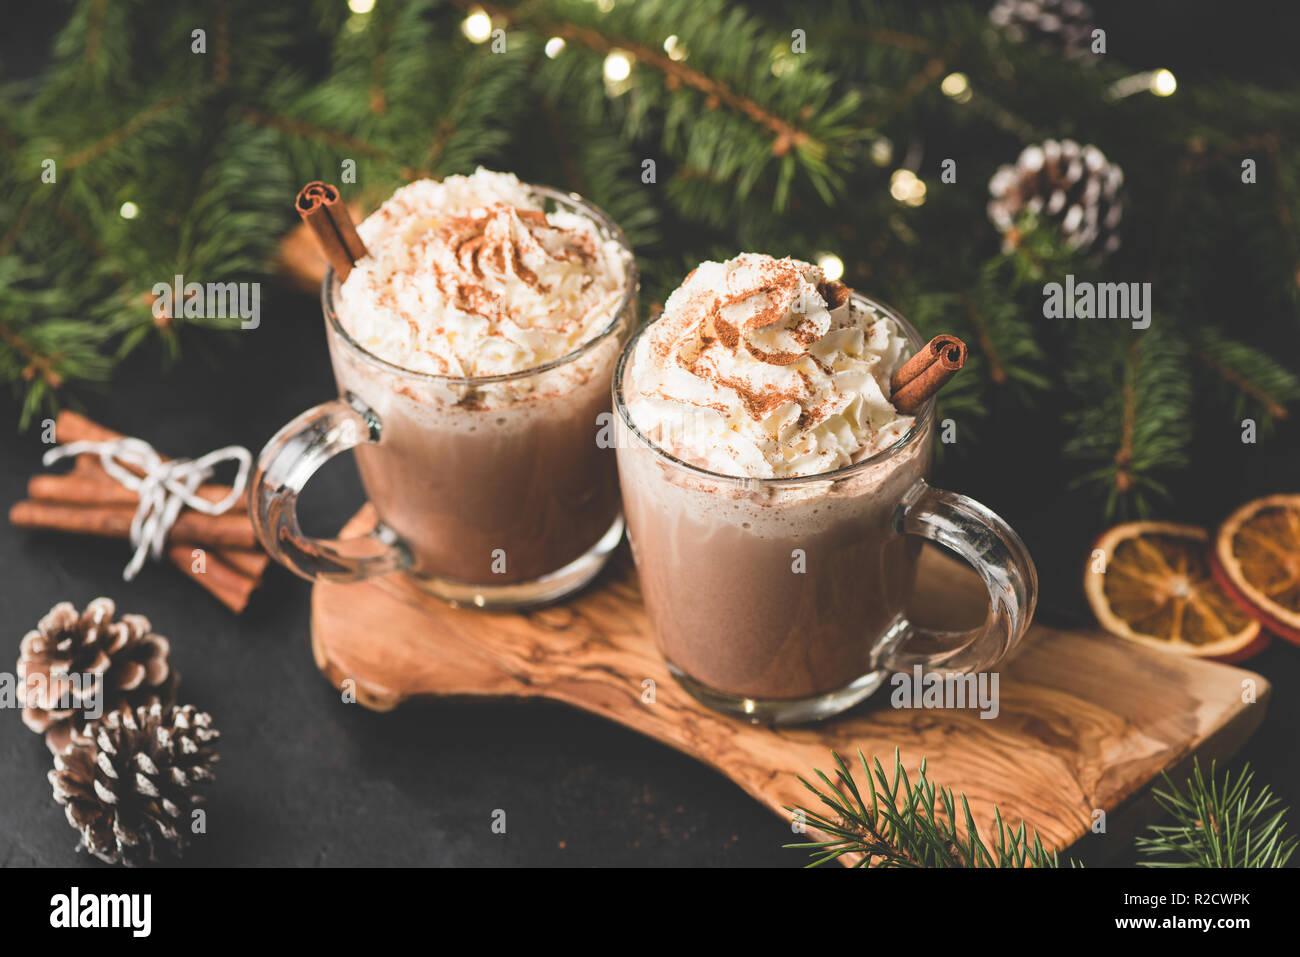 Weihnachtsbeleuchtung Tannenzapfen.Zwei Tassen Heißer Schokolade Mit Schlagsahne Und Zimt Auf Holz Das